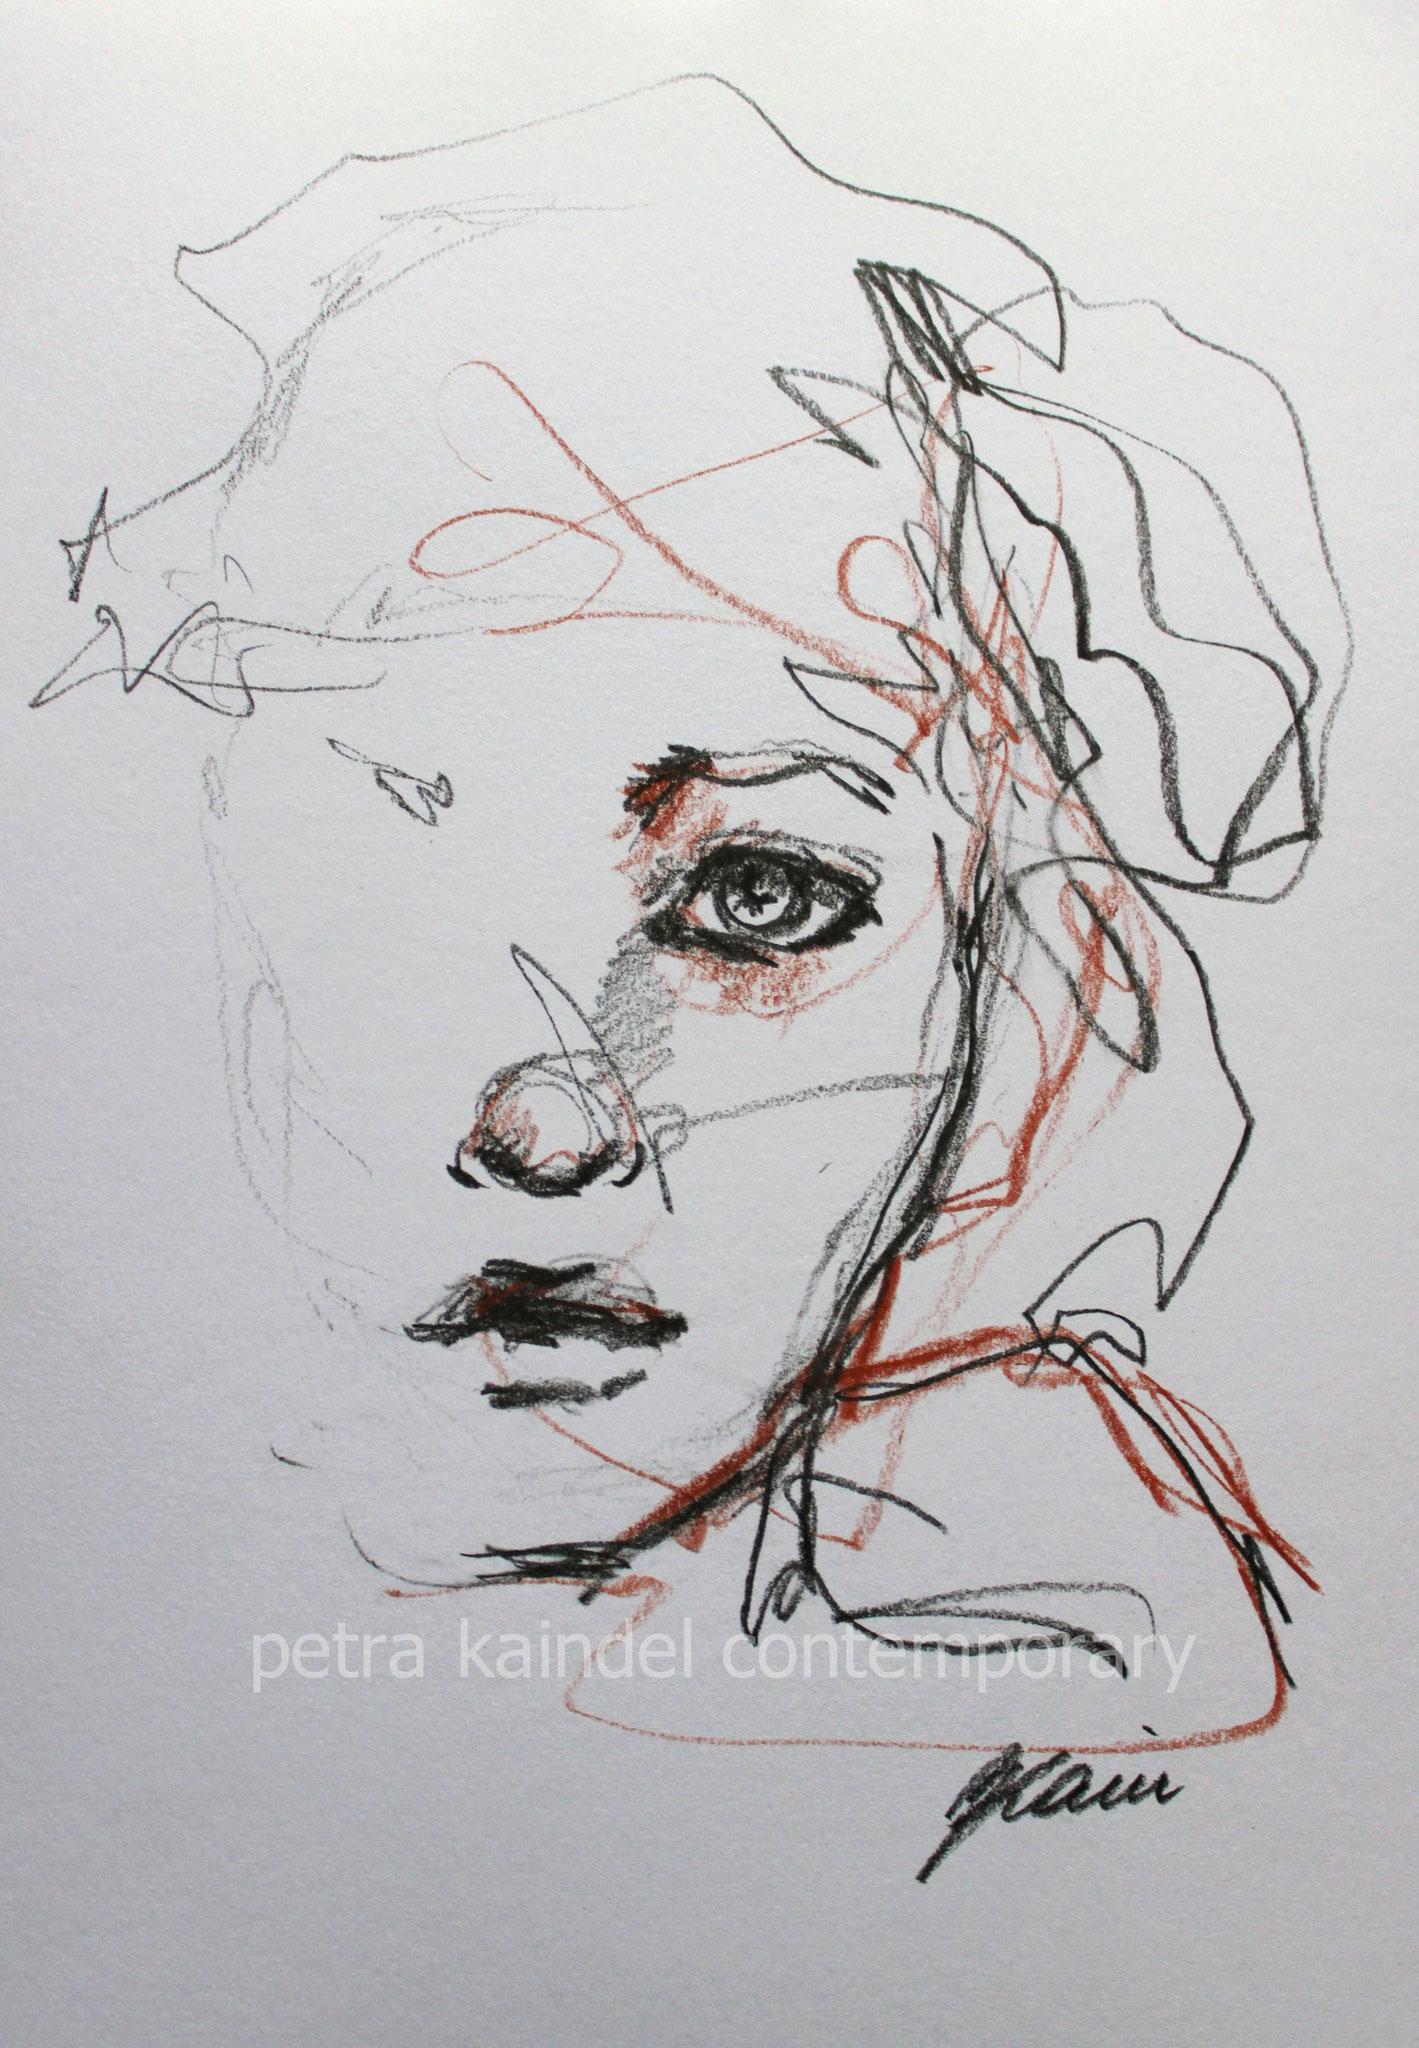 Portrait, 21 x 29,7 cm, pencils on paper